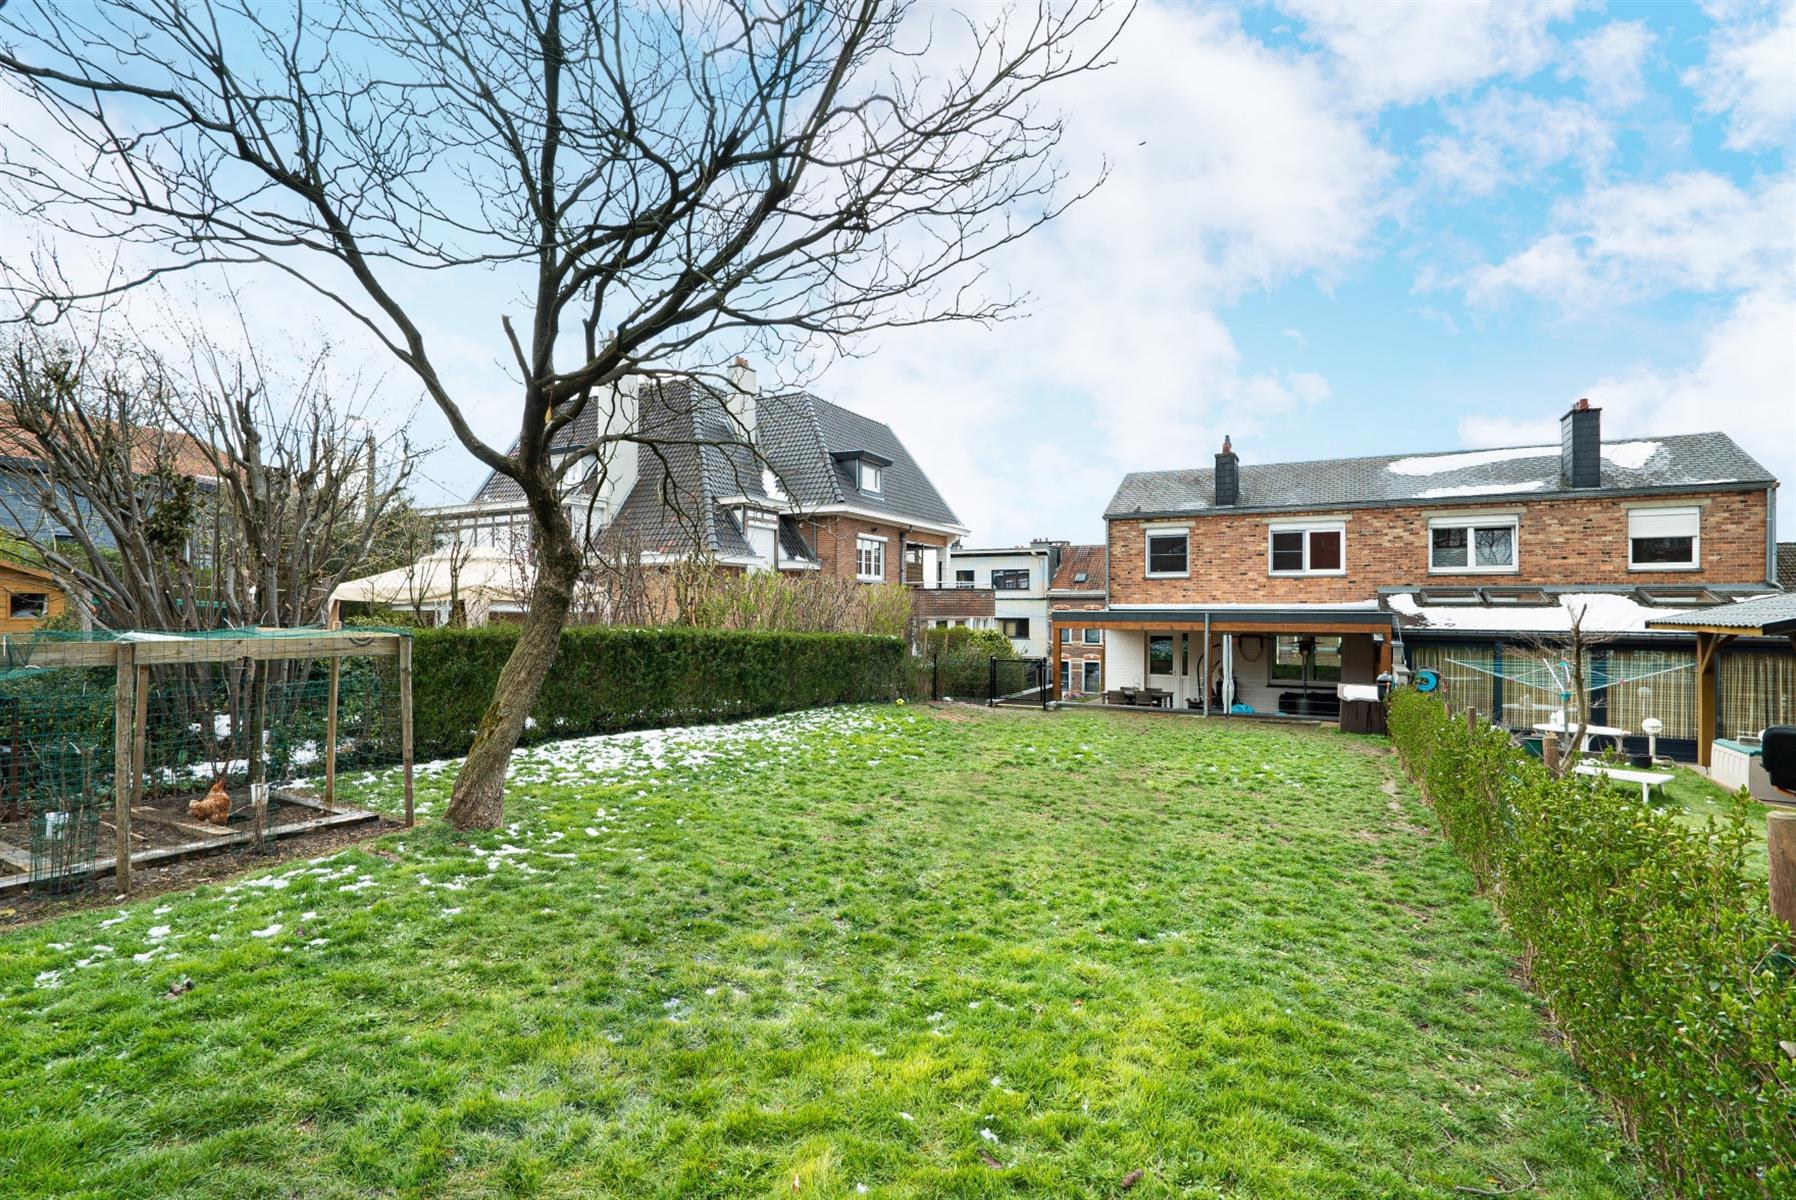 Maison - Verviers - #4321260-11